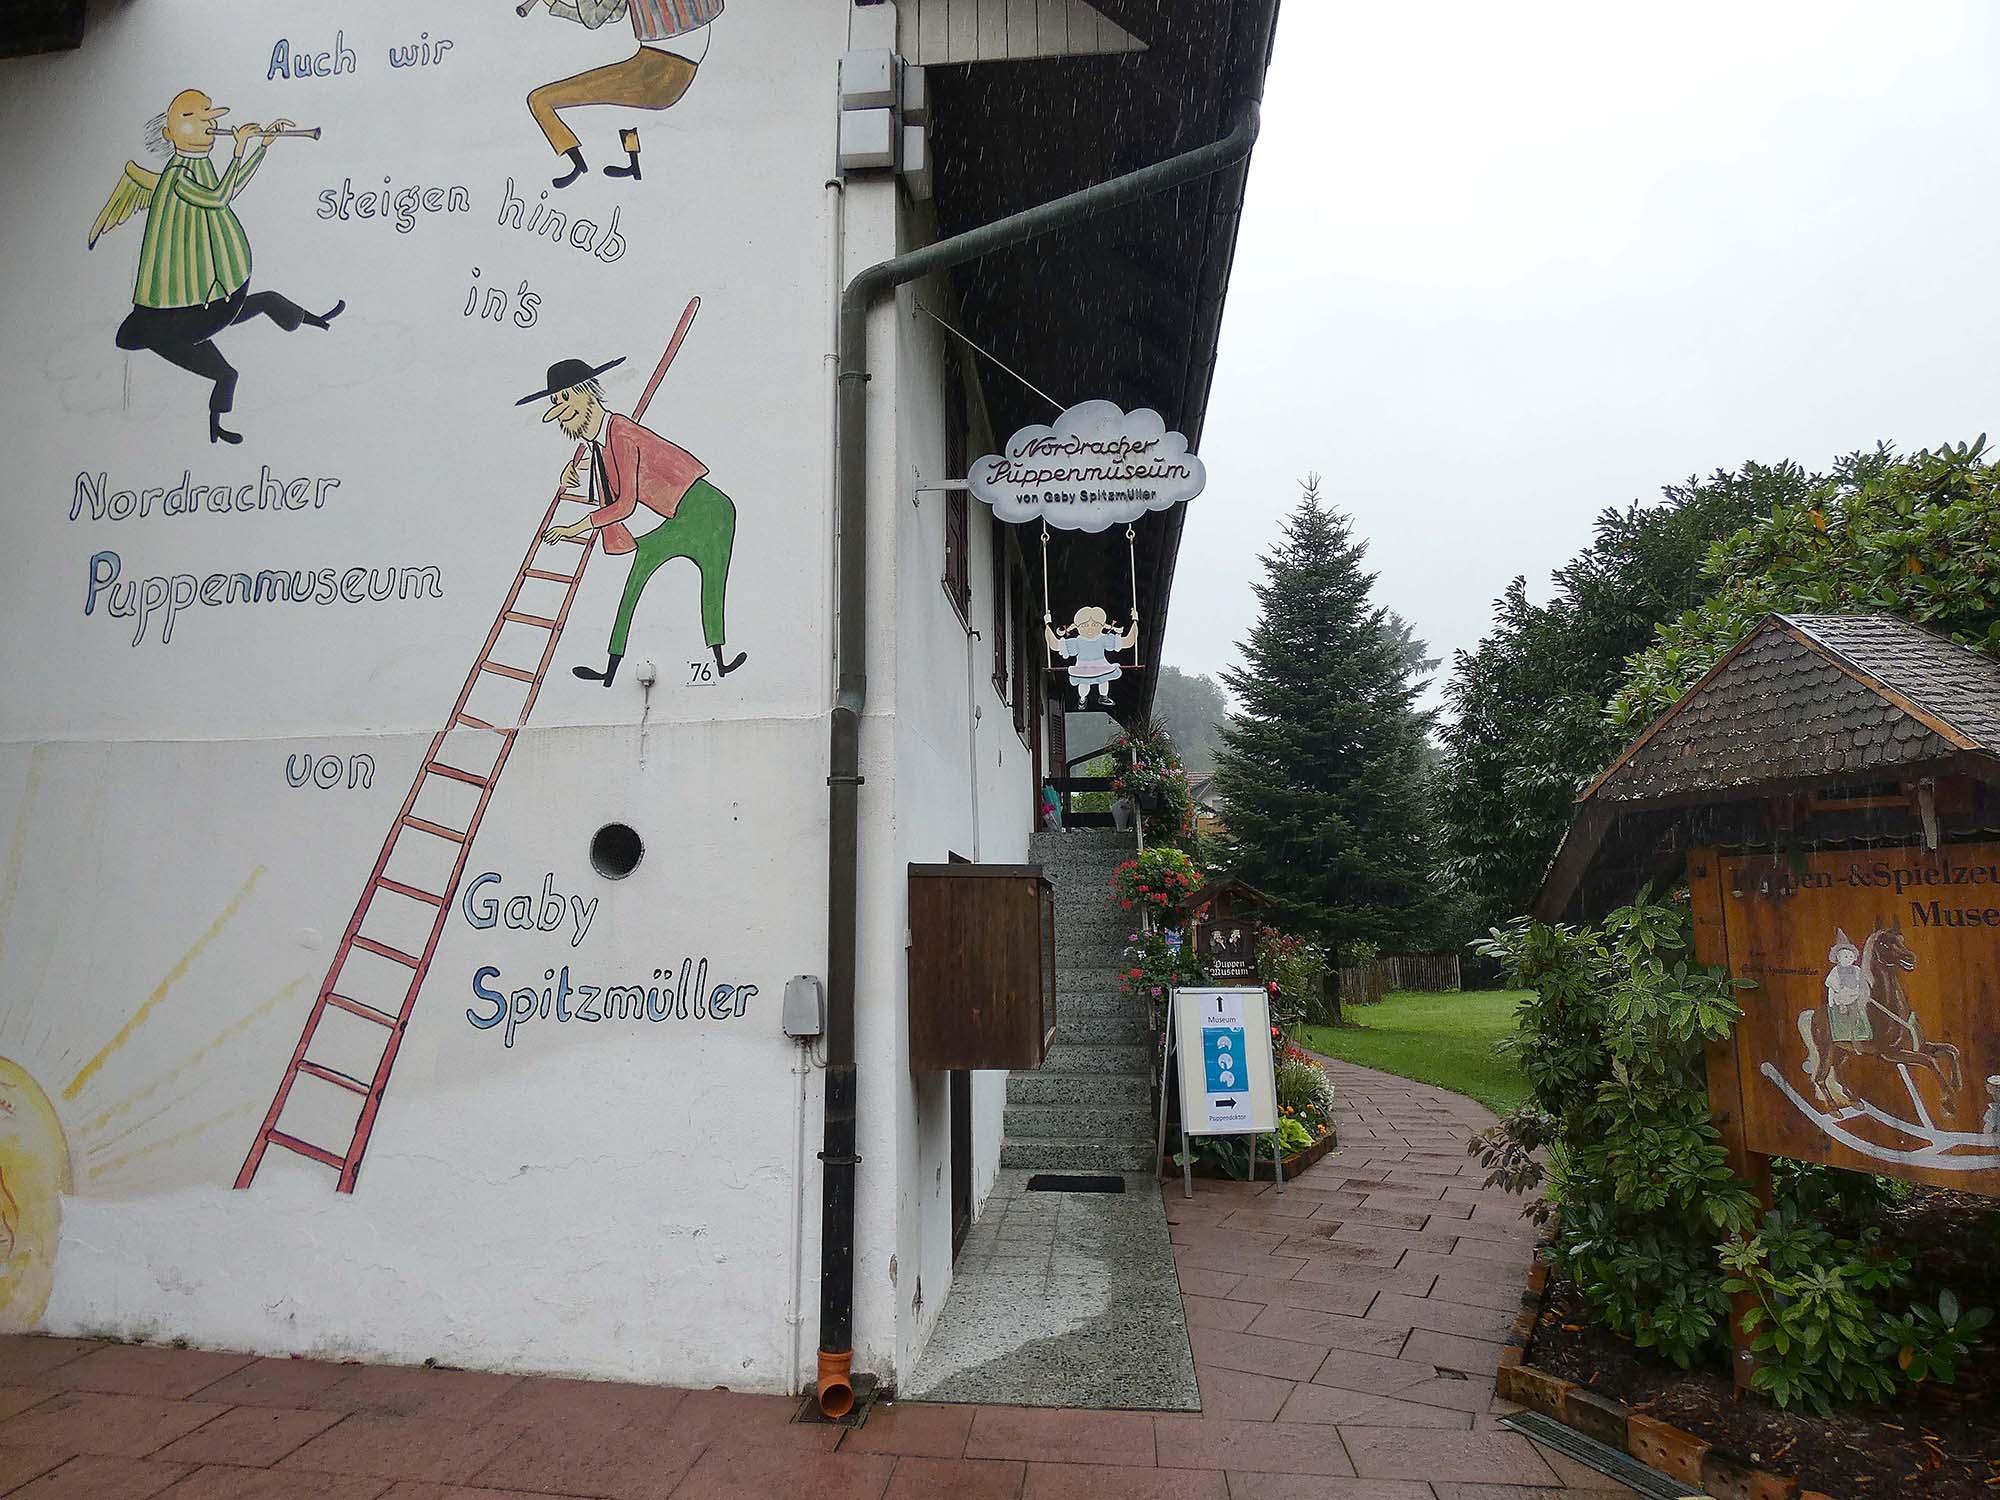 2021-9-1-NO-bia-Puppenmuseum-u-SP außen